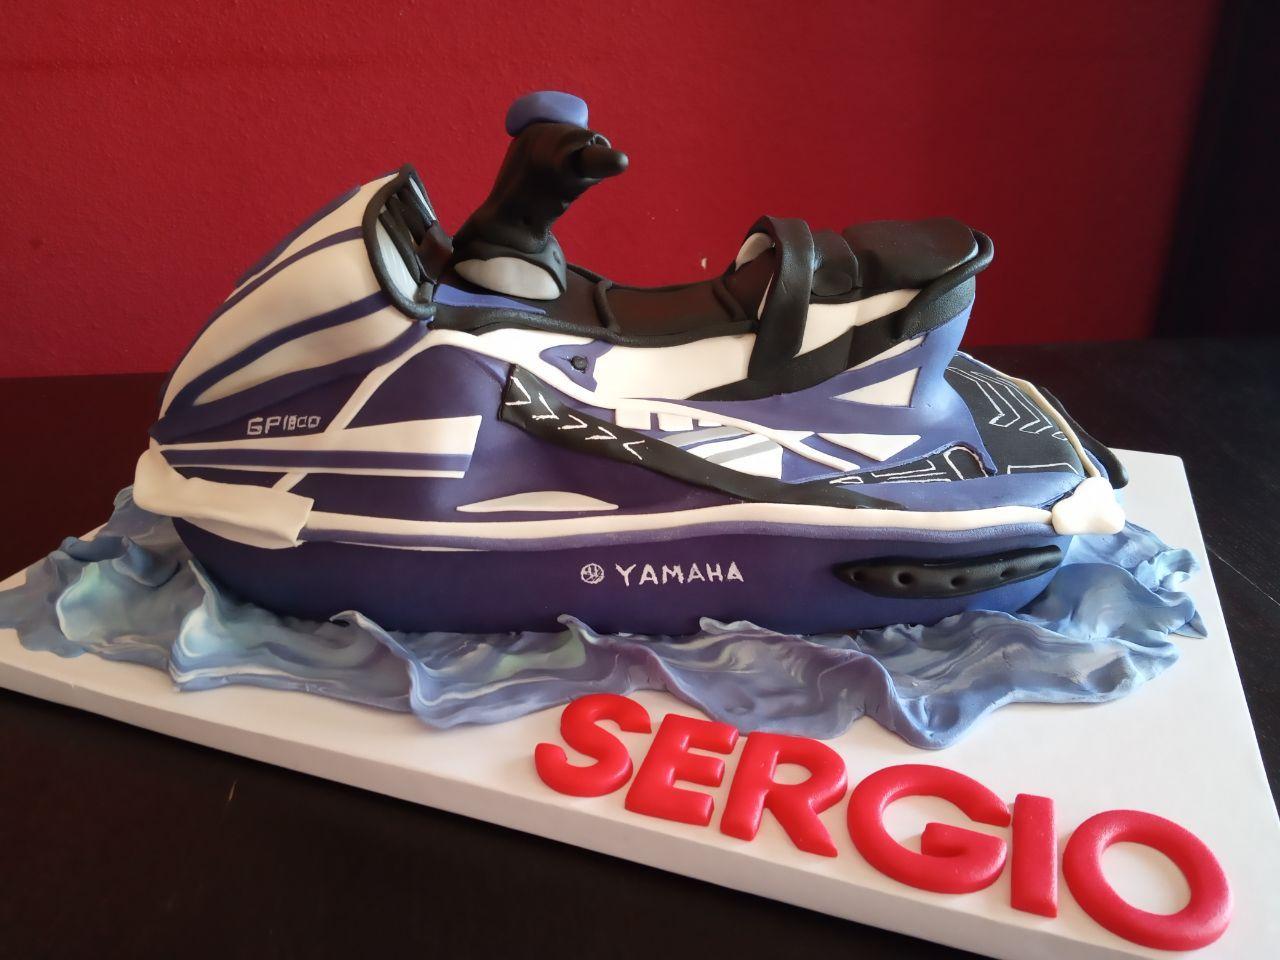 Tarta Moto De Agua Yamaha In 2020 Jet Ski Yamaha Skiing